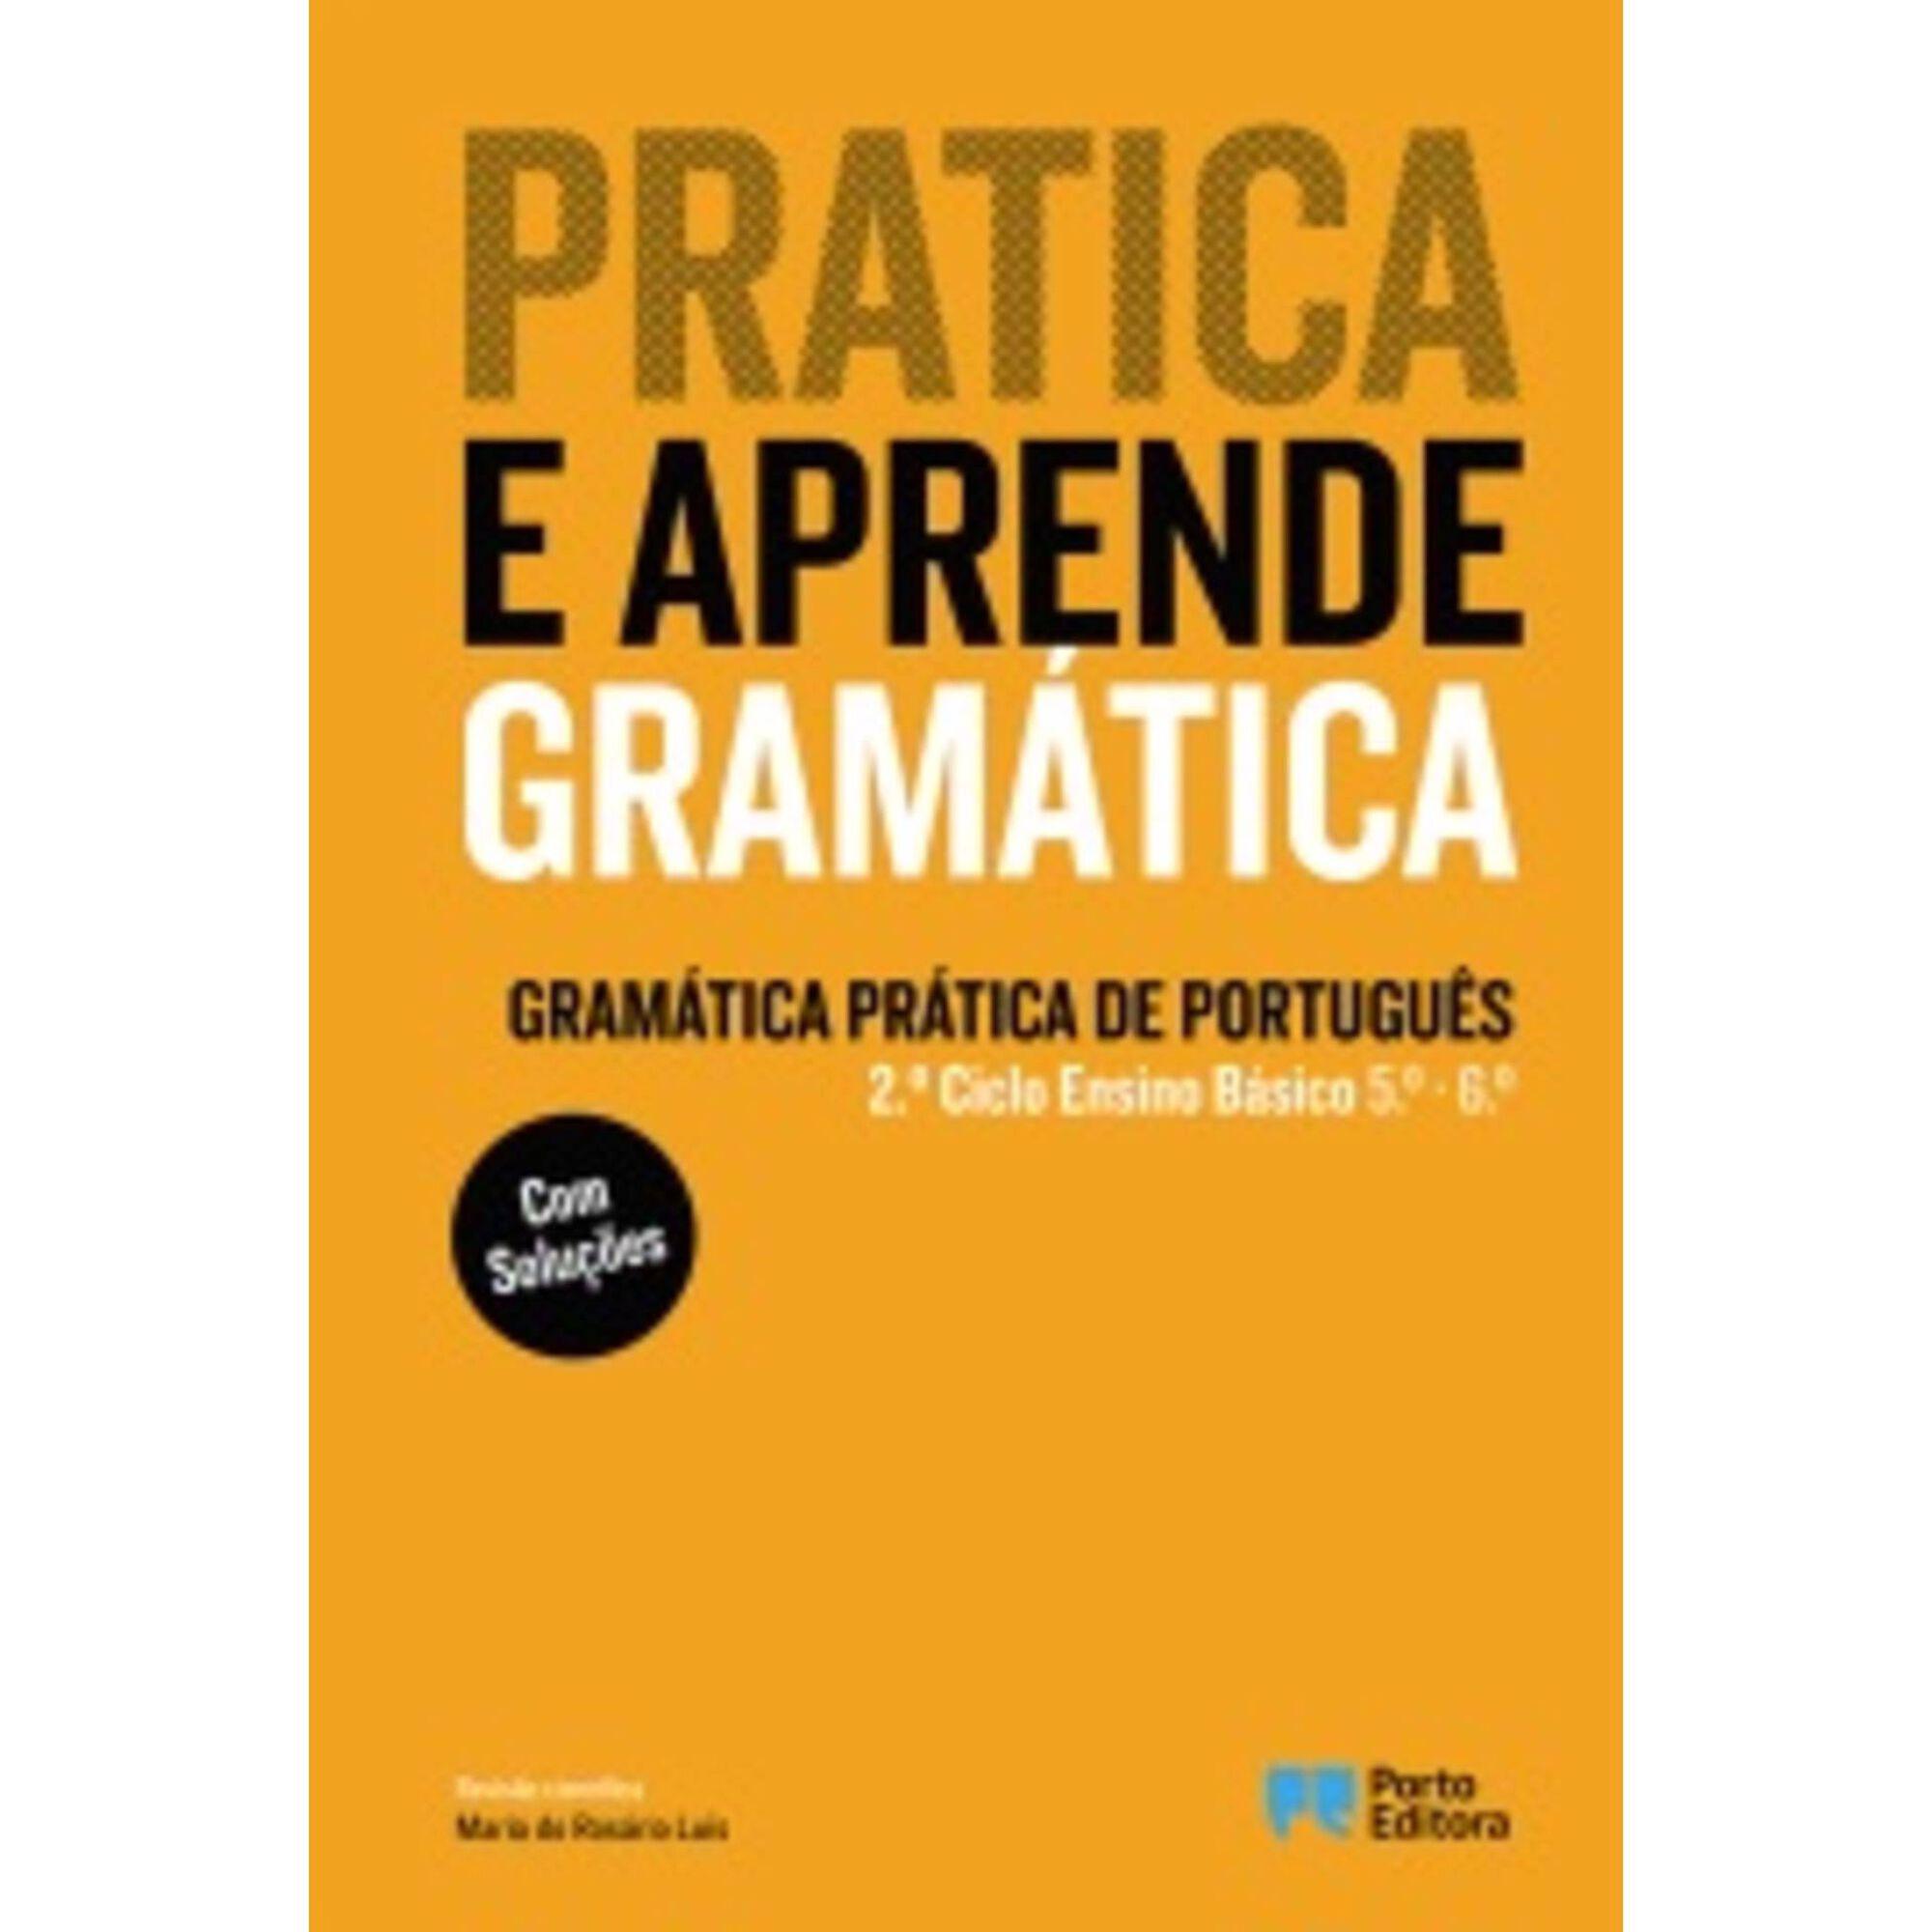 Pratica e Aprende - Gramática Prática de Português - 2º Ciclo